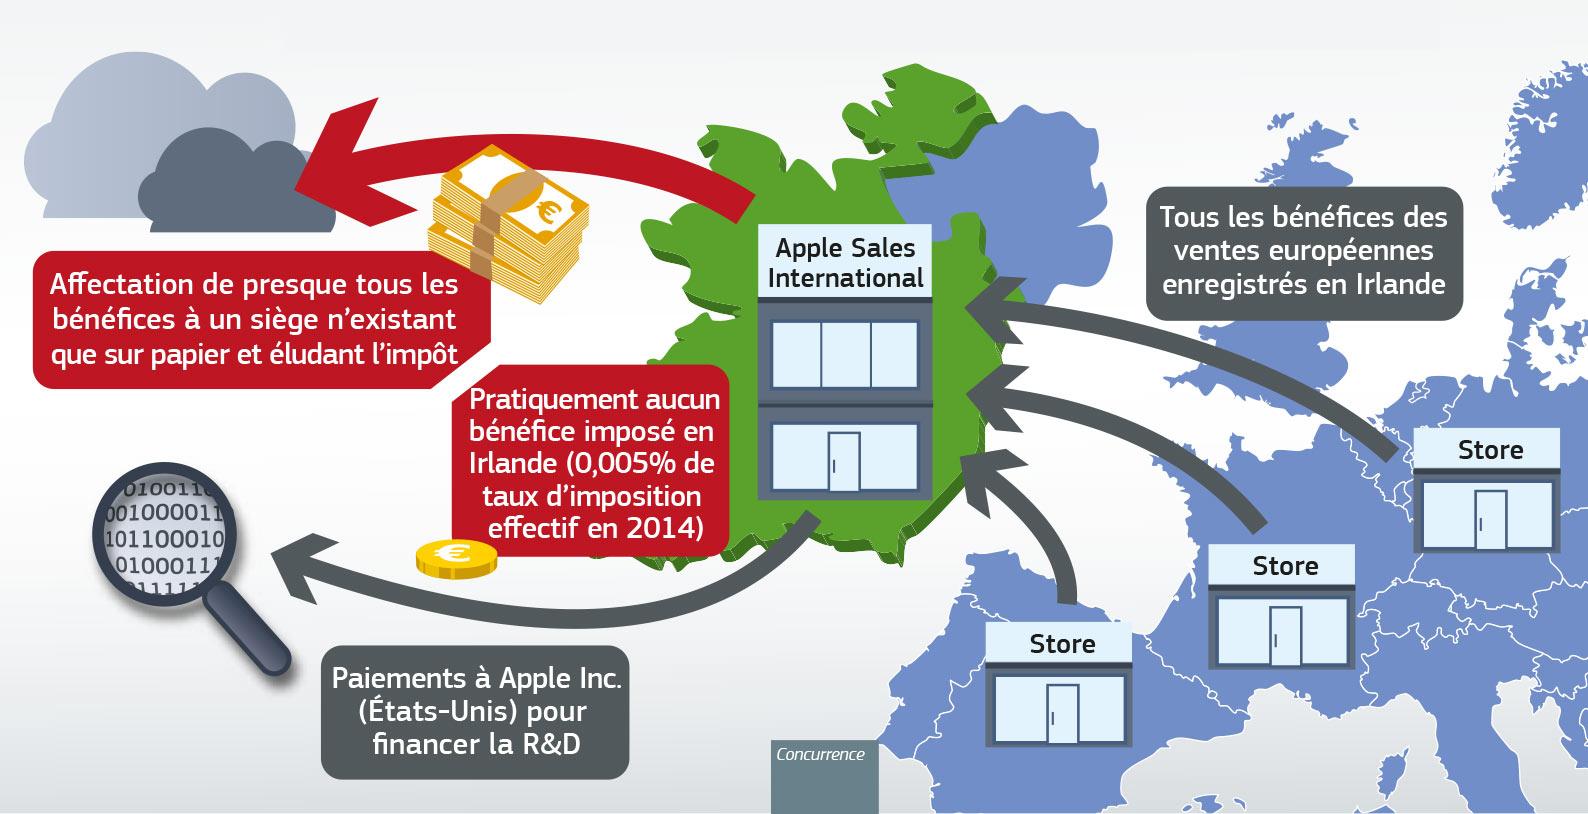 Un schéma de l'aide fiscale illégale accordée par l'Irlande à Apple selon la Commission européenne.